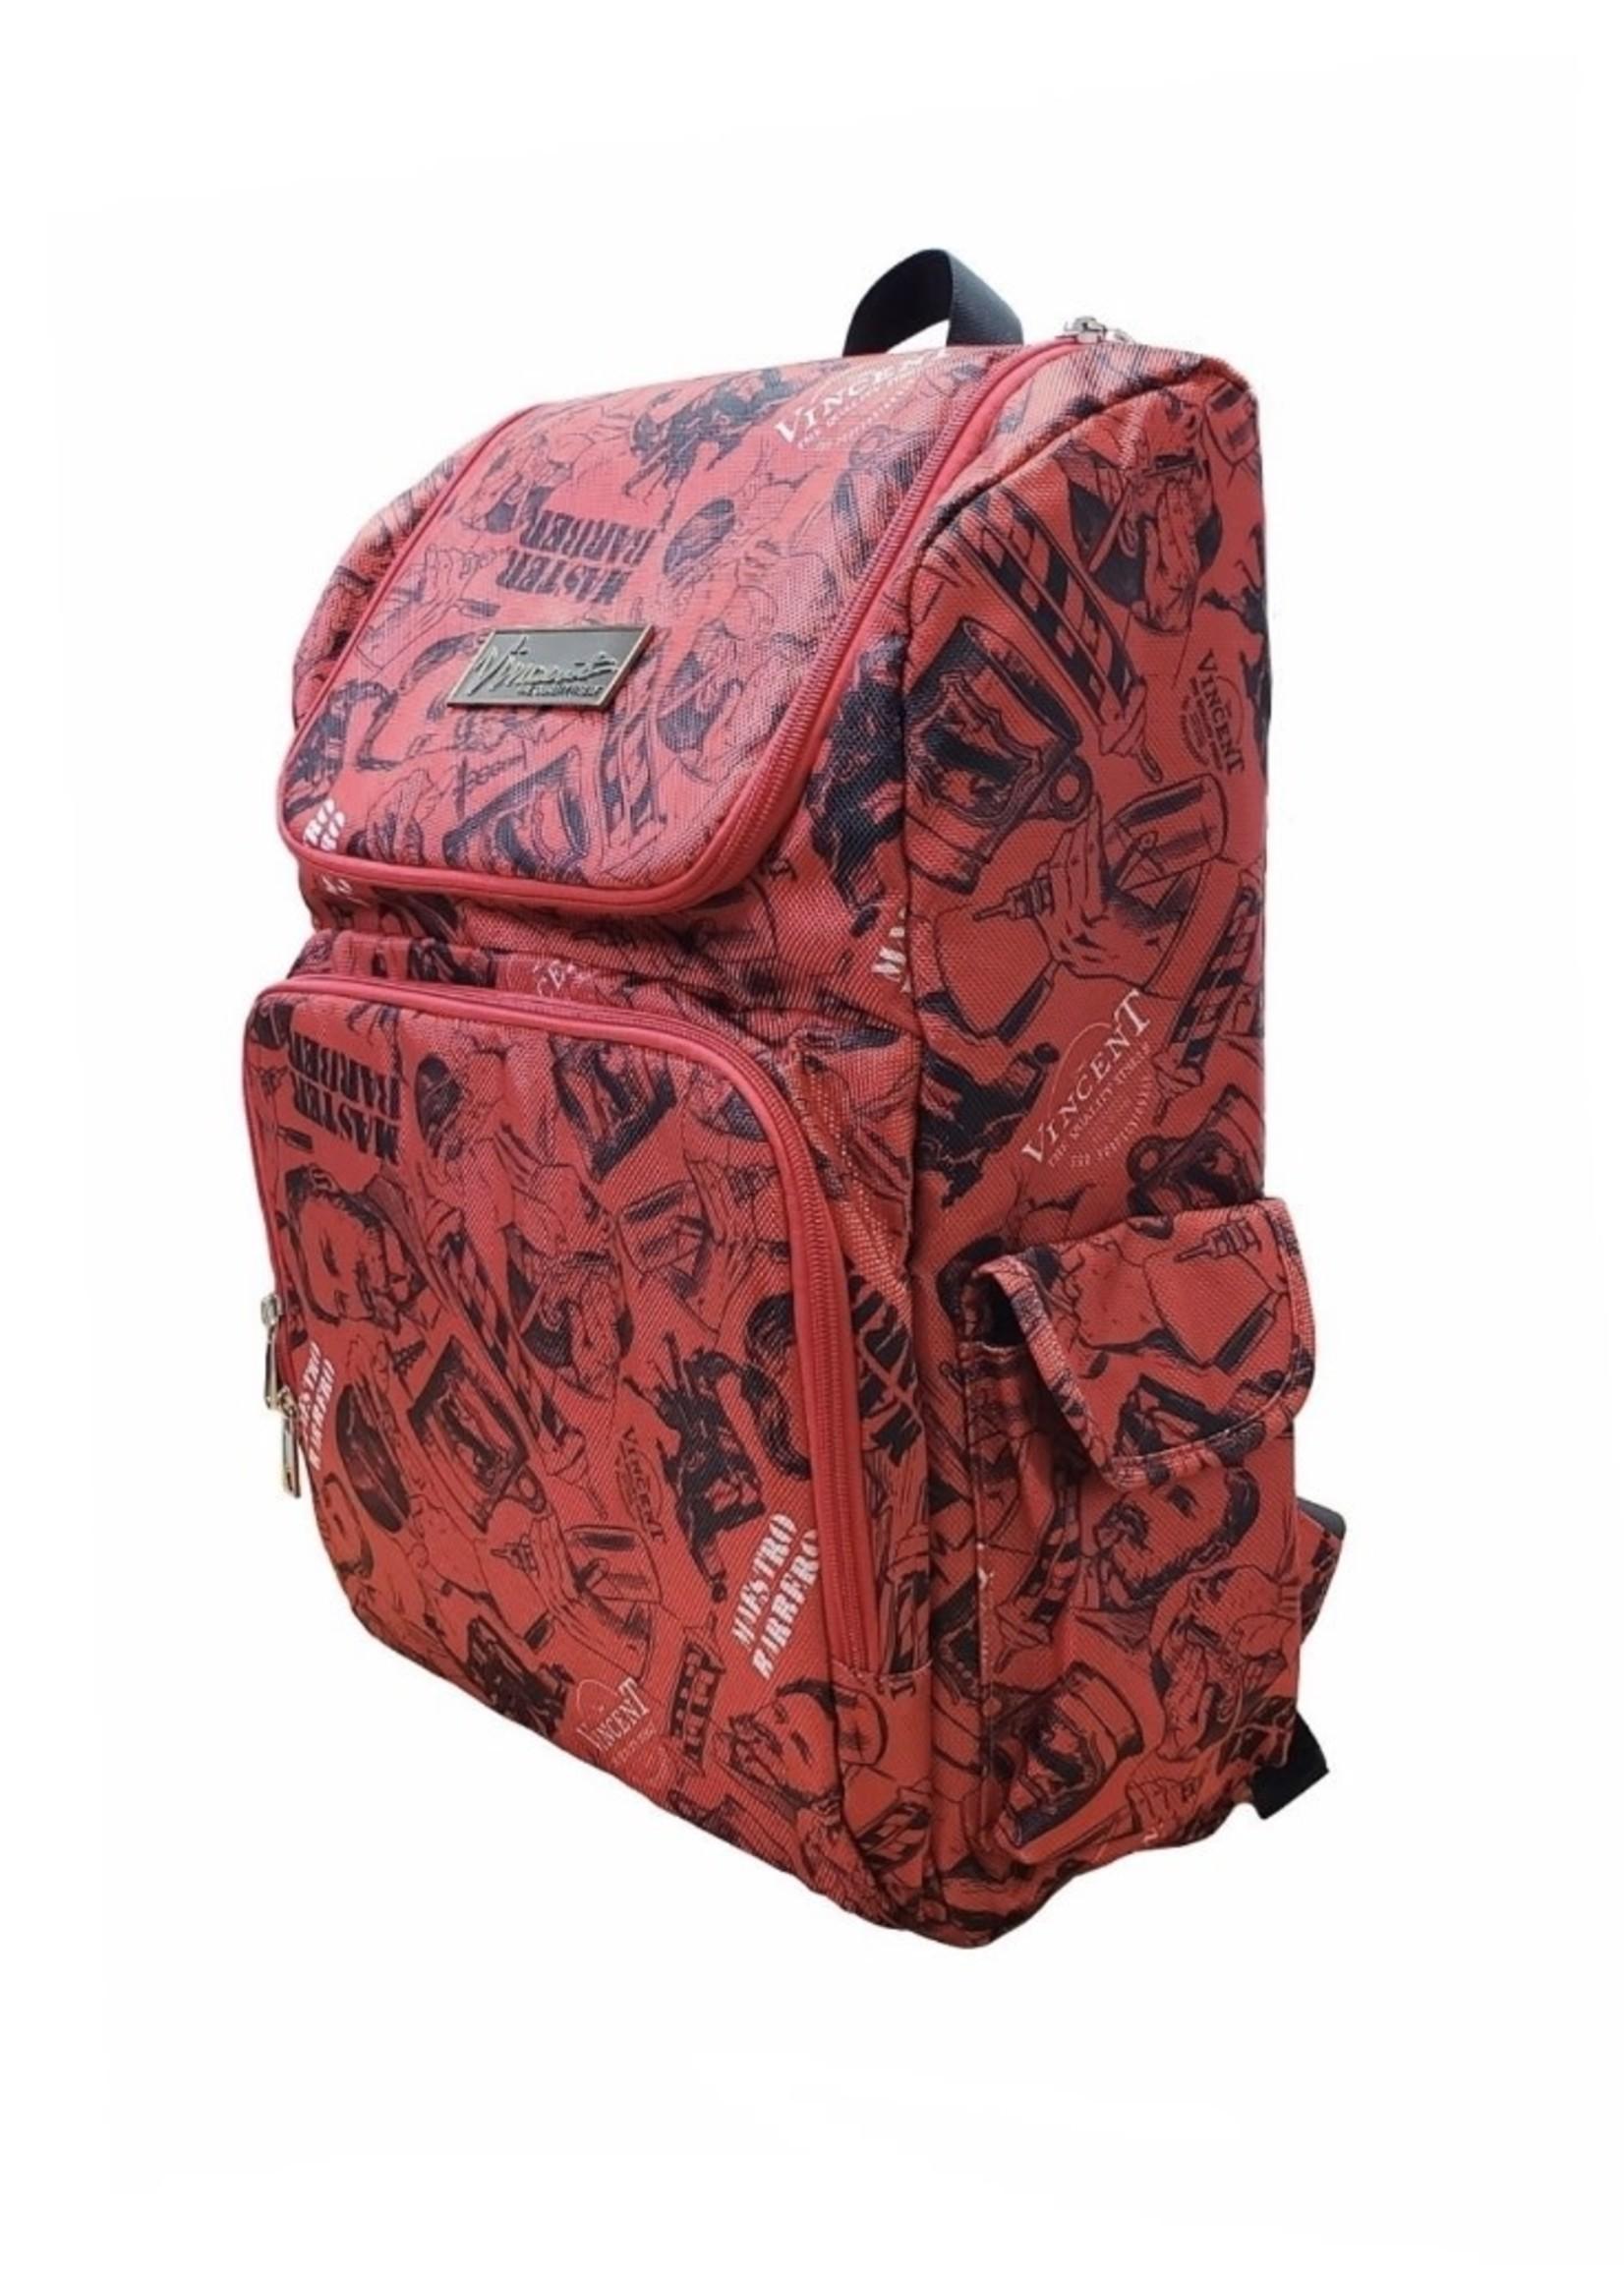 Vincent Vincent BackPack Vintage- Red